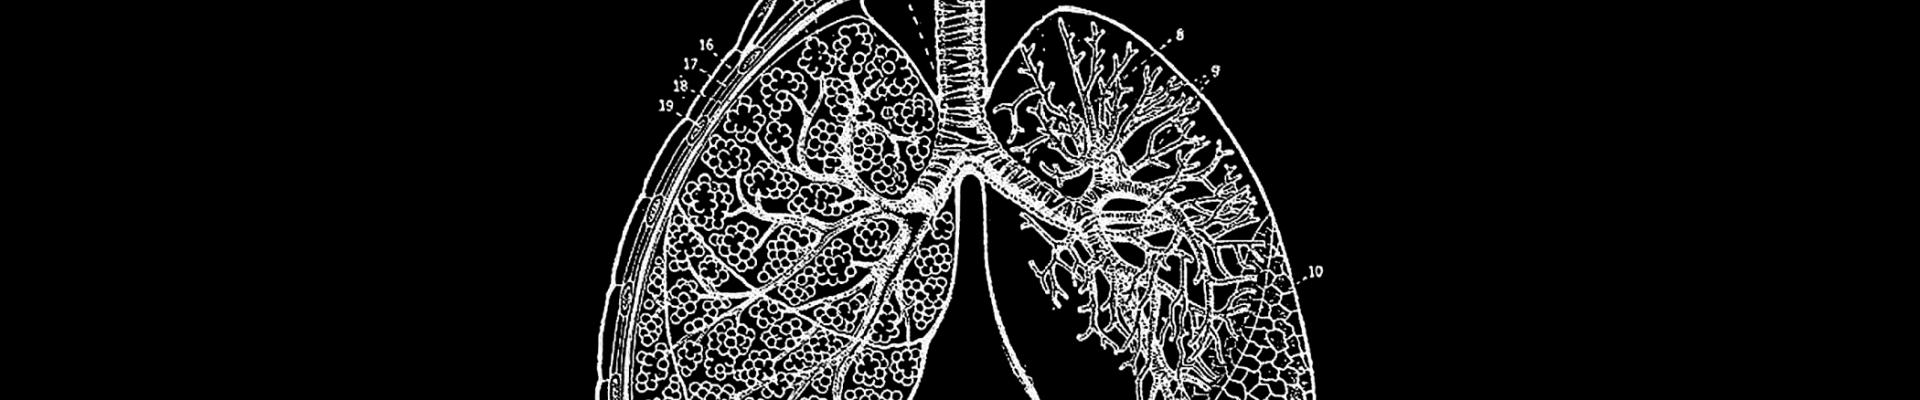 Vintage blackboard image of lungs